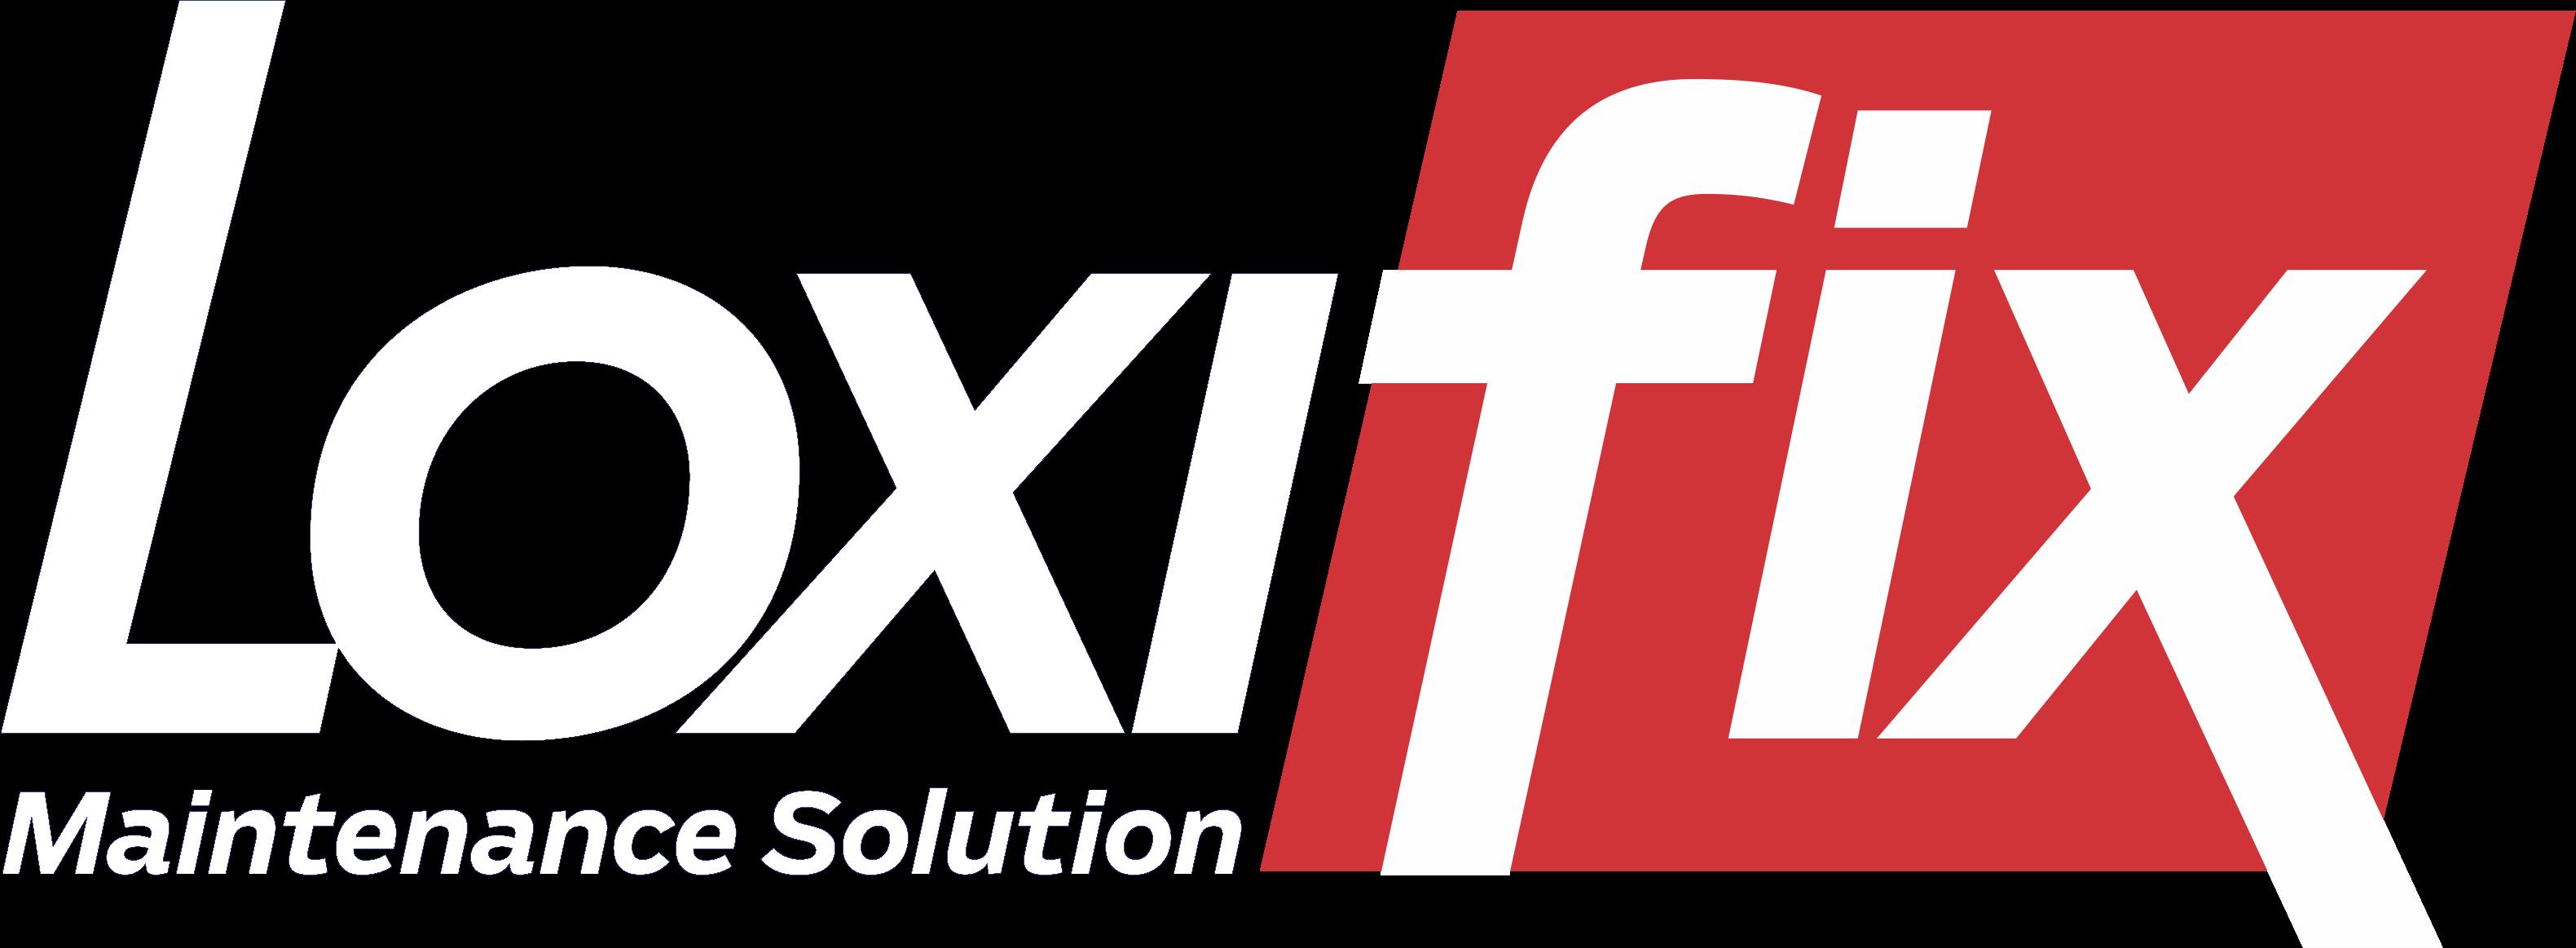 Loxifix logo finaal2155